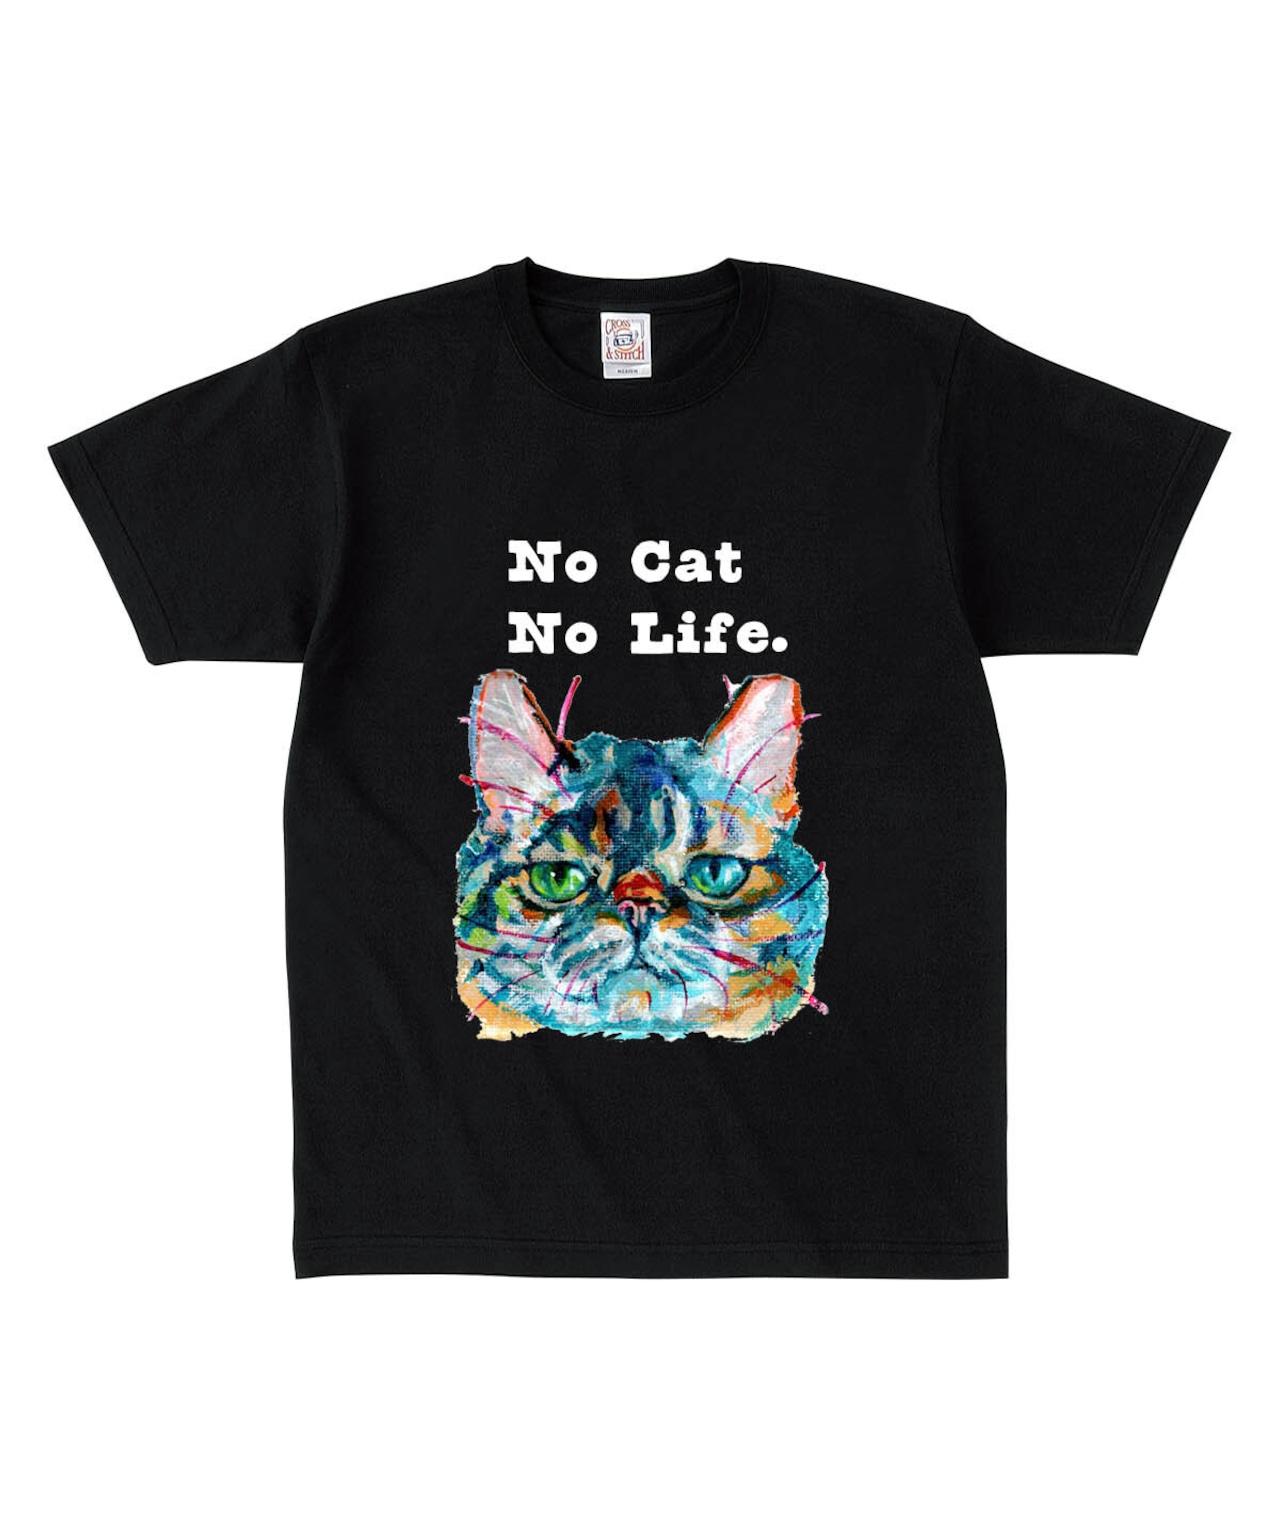 数量限定【New】Kid'sTシャツ Tomoko Katou 2021.ふてにゃん ★全国送料無料★